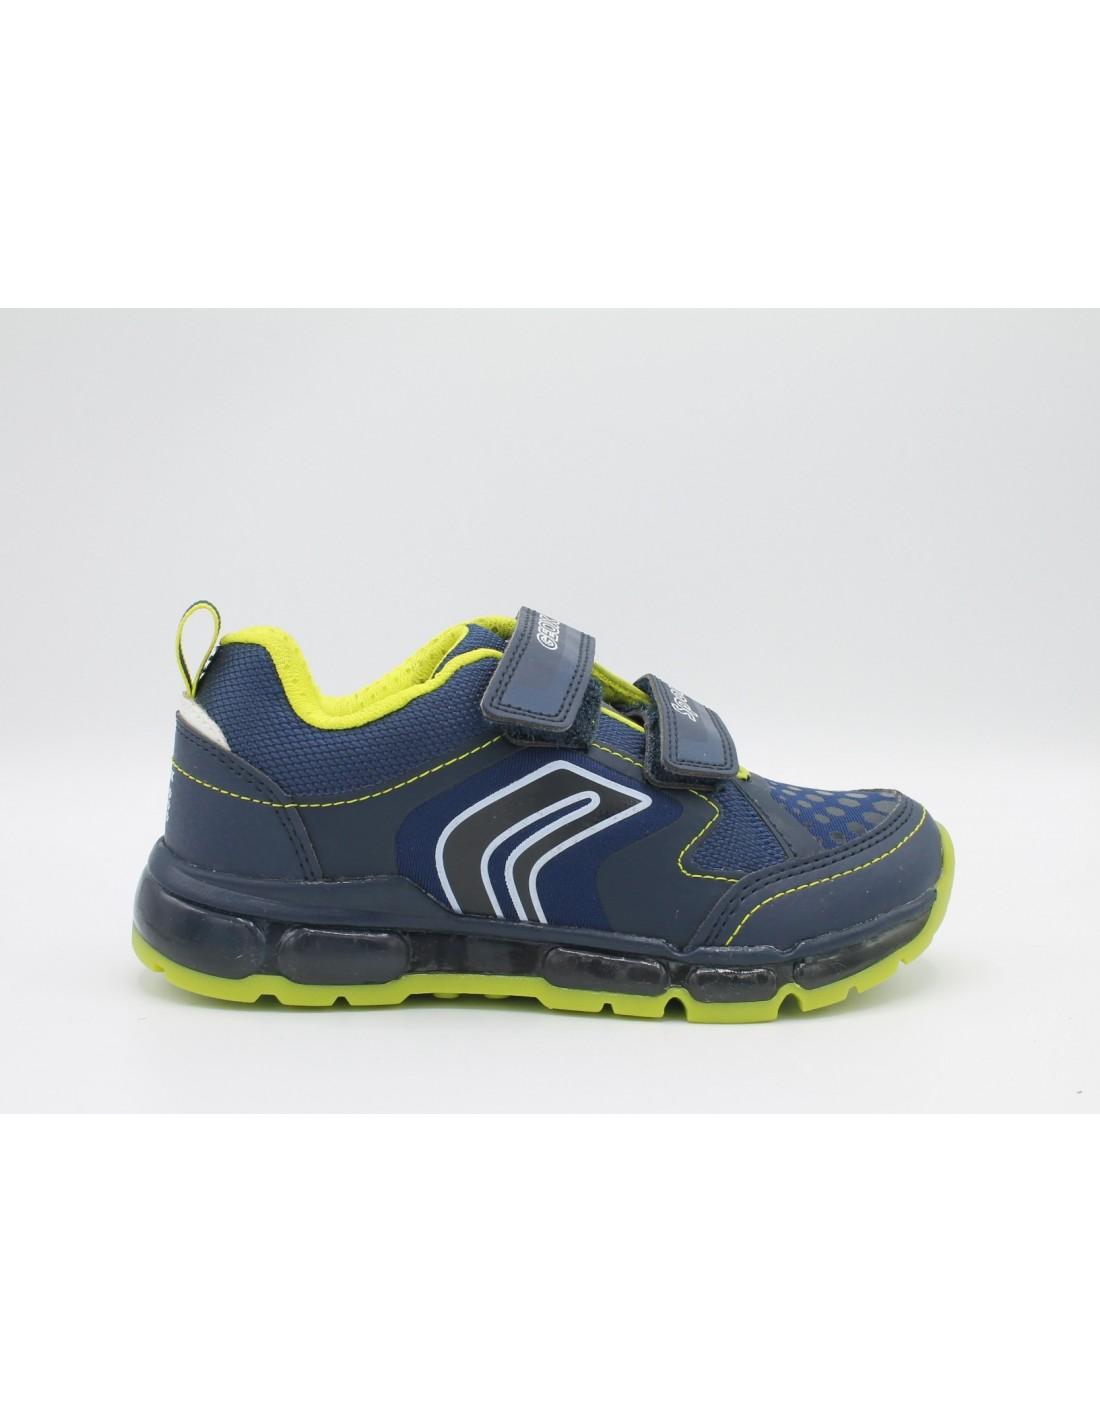 pensieri su servizio duraturo fama mondiale Dettagli su Geox Scarpe da Bambino Sneakers ragazzo junior con luci e  strappi blu Android